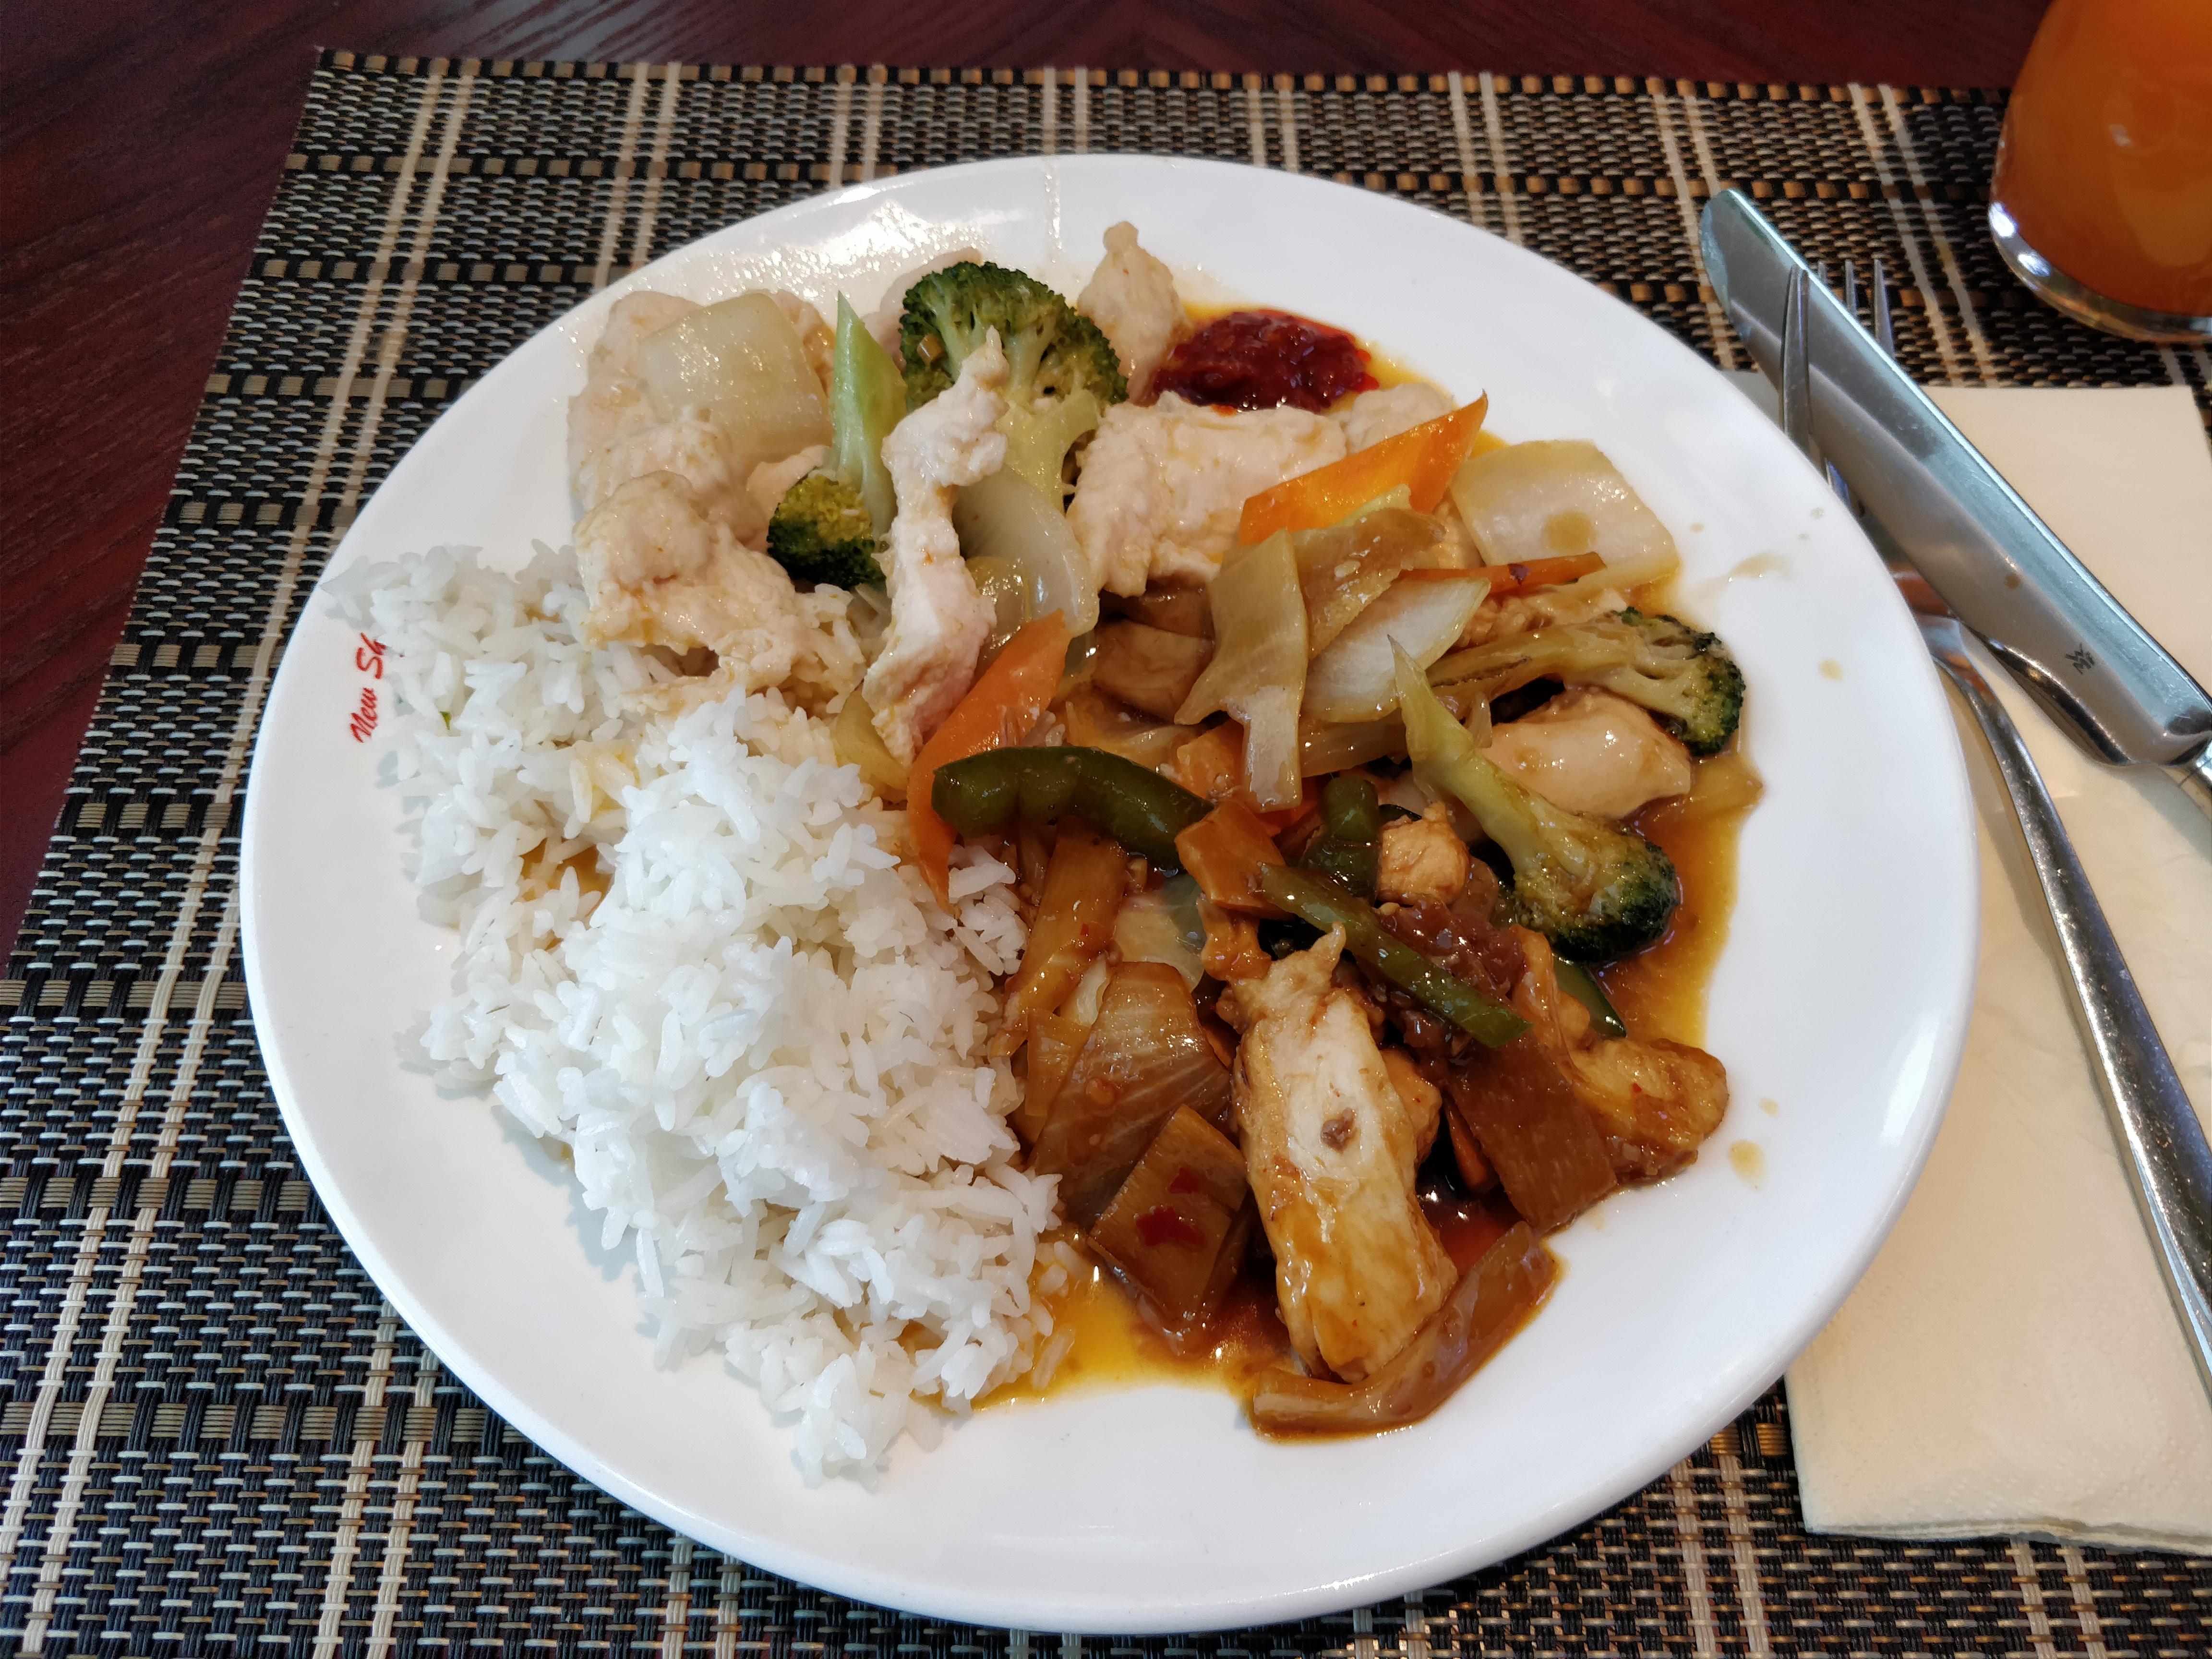 http://foodloader.net/nico_2017-09-12_asiatisch-diverses-1.jpg